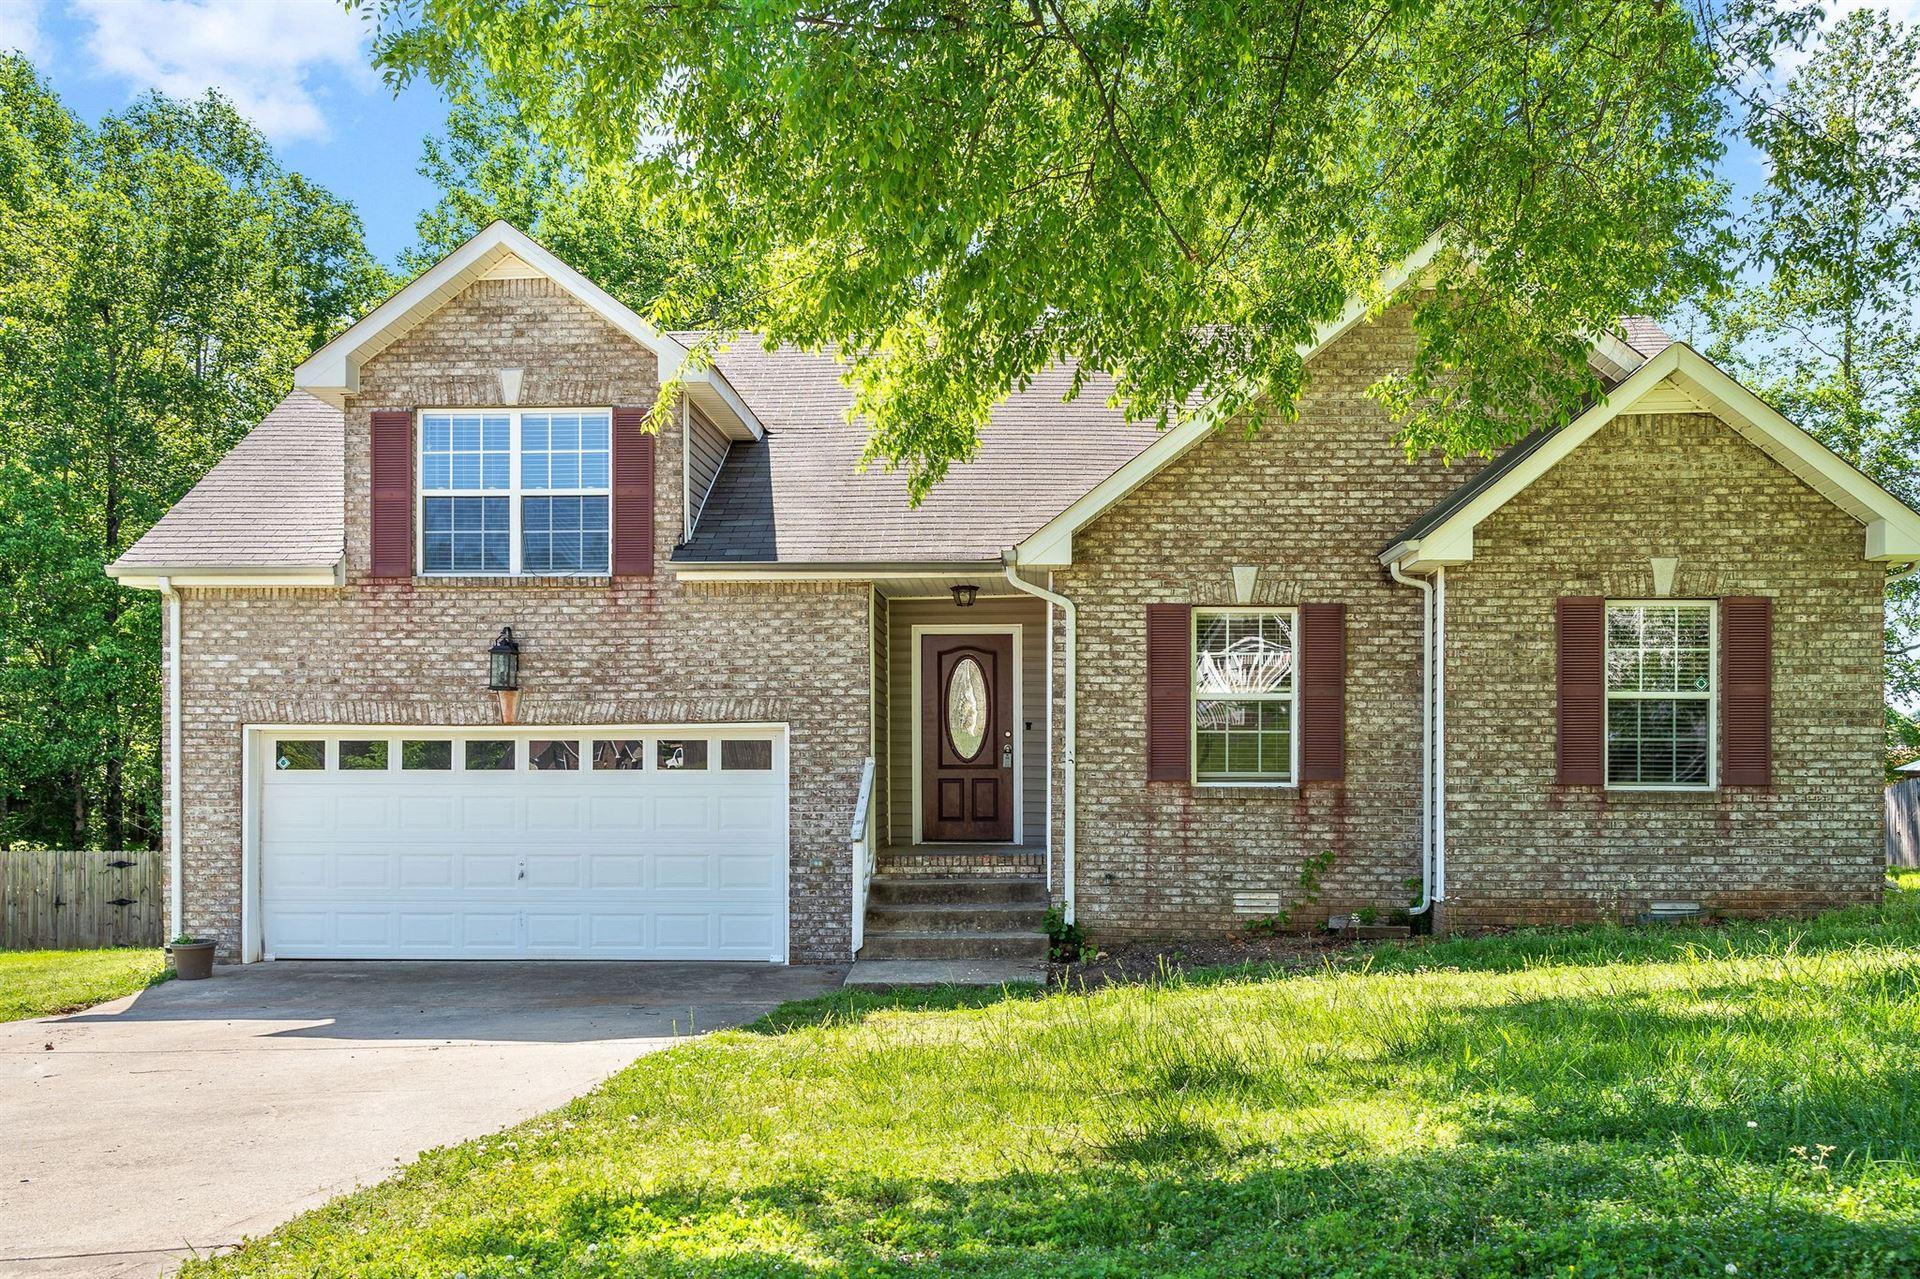 1513 Cedar Springs Cir, Clarksville, TN 37042 - MLS#: 2250181